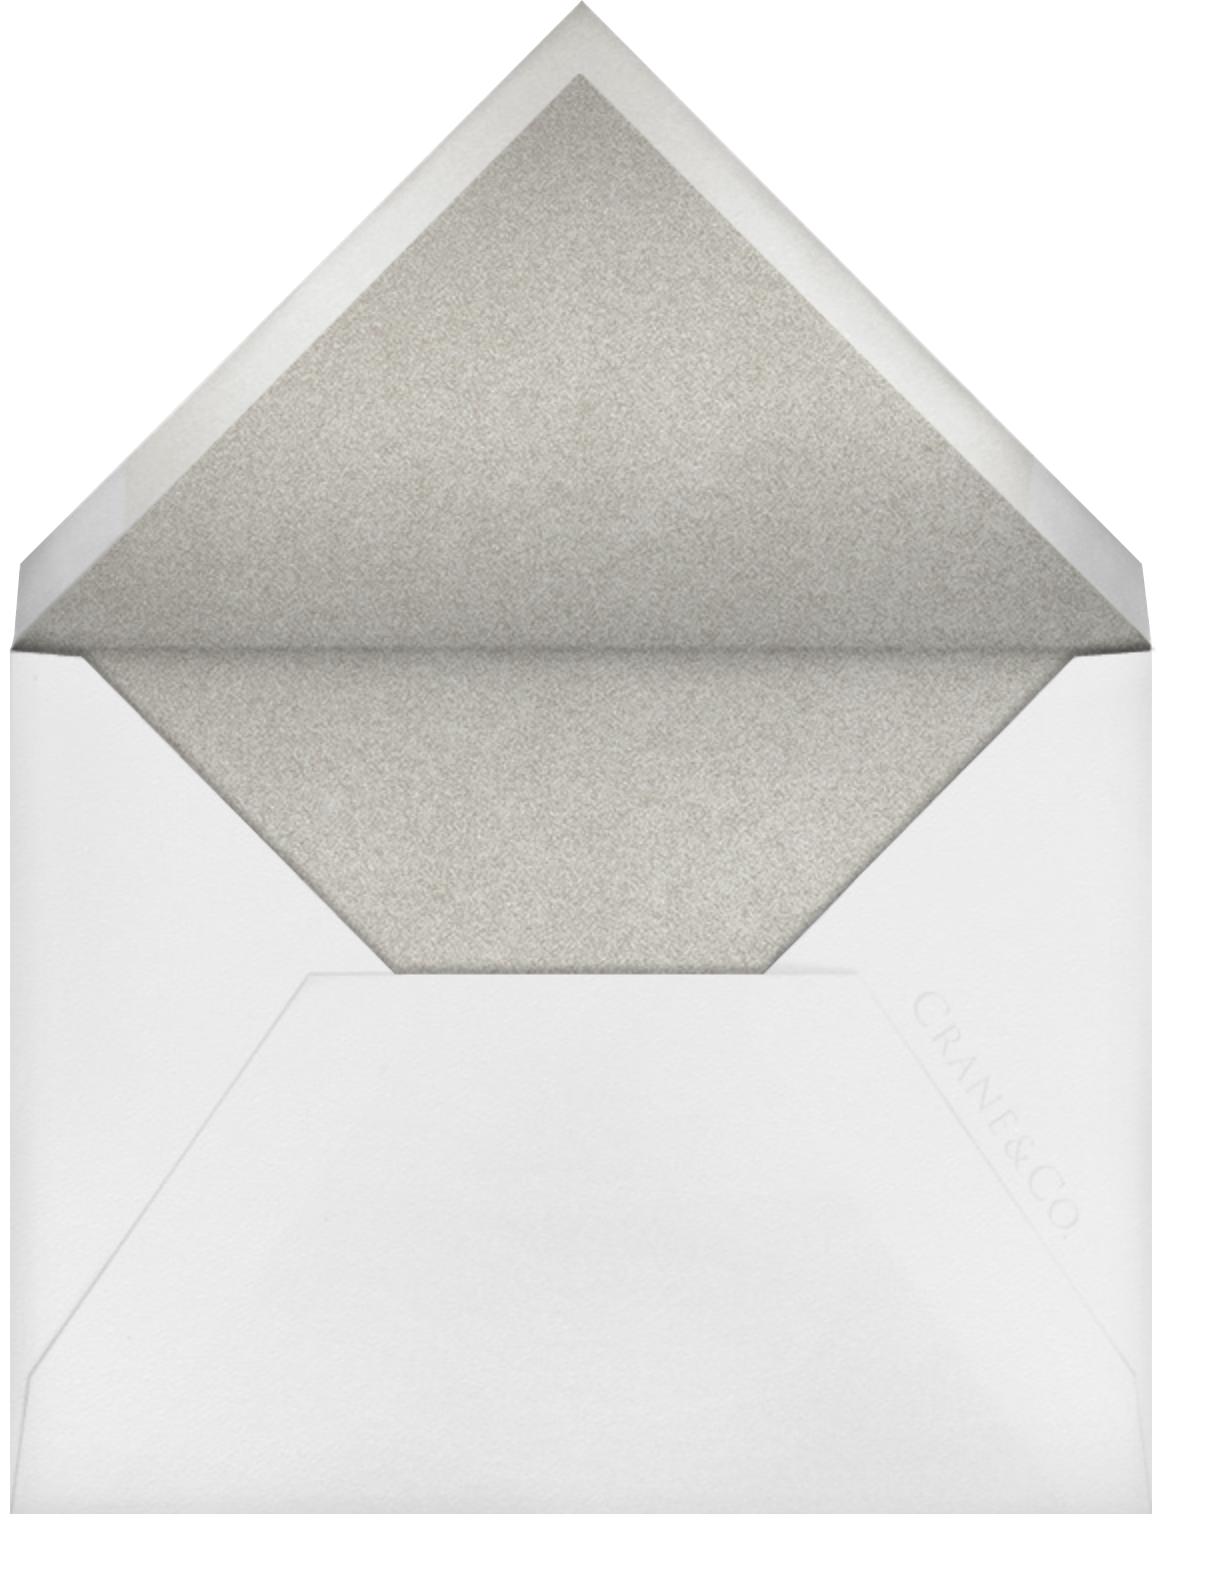 Notch - Platinum - Vera Wang - Vera Wang - envelope back